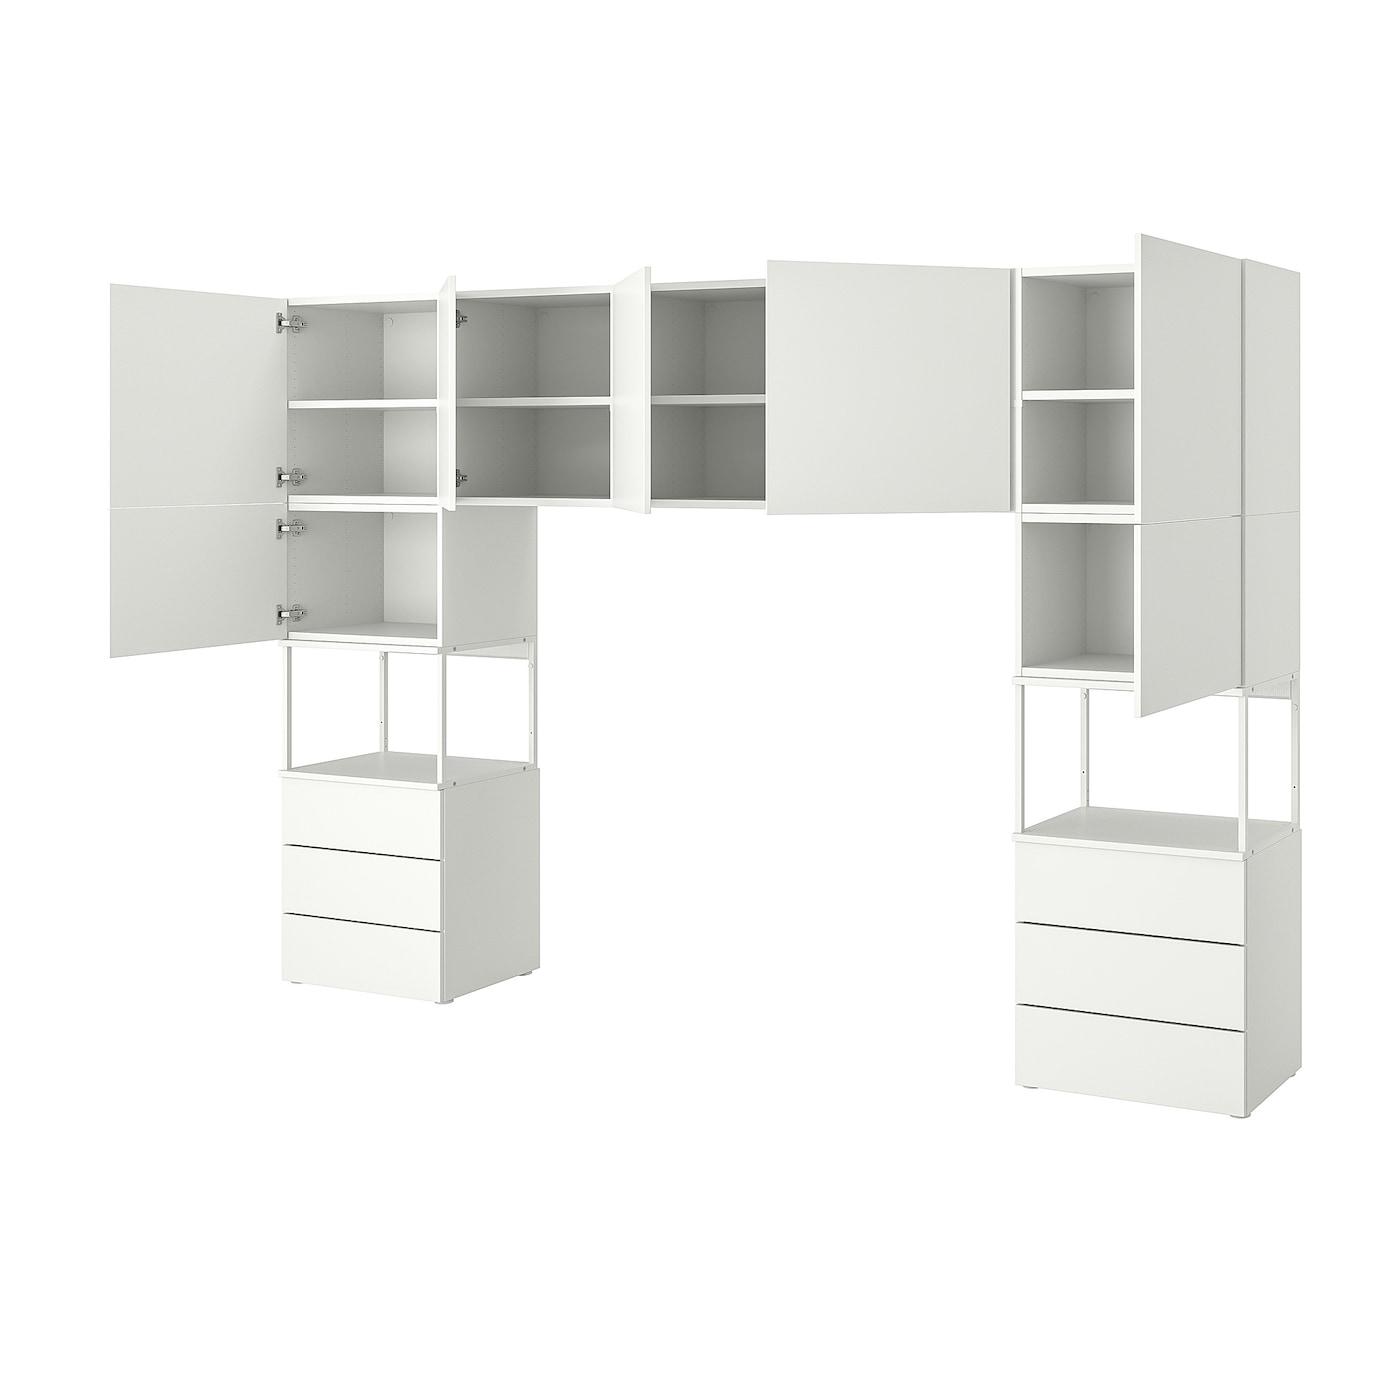 IKEA PLATSA Szafa 7 drzwi+6 szuflad, biały, Fonnes biały, 300x42x201 cm